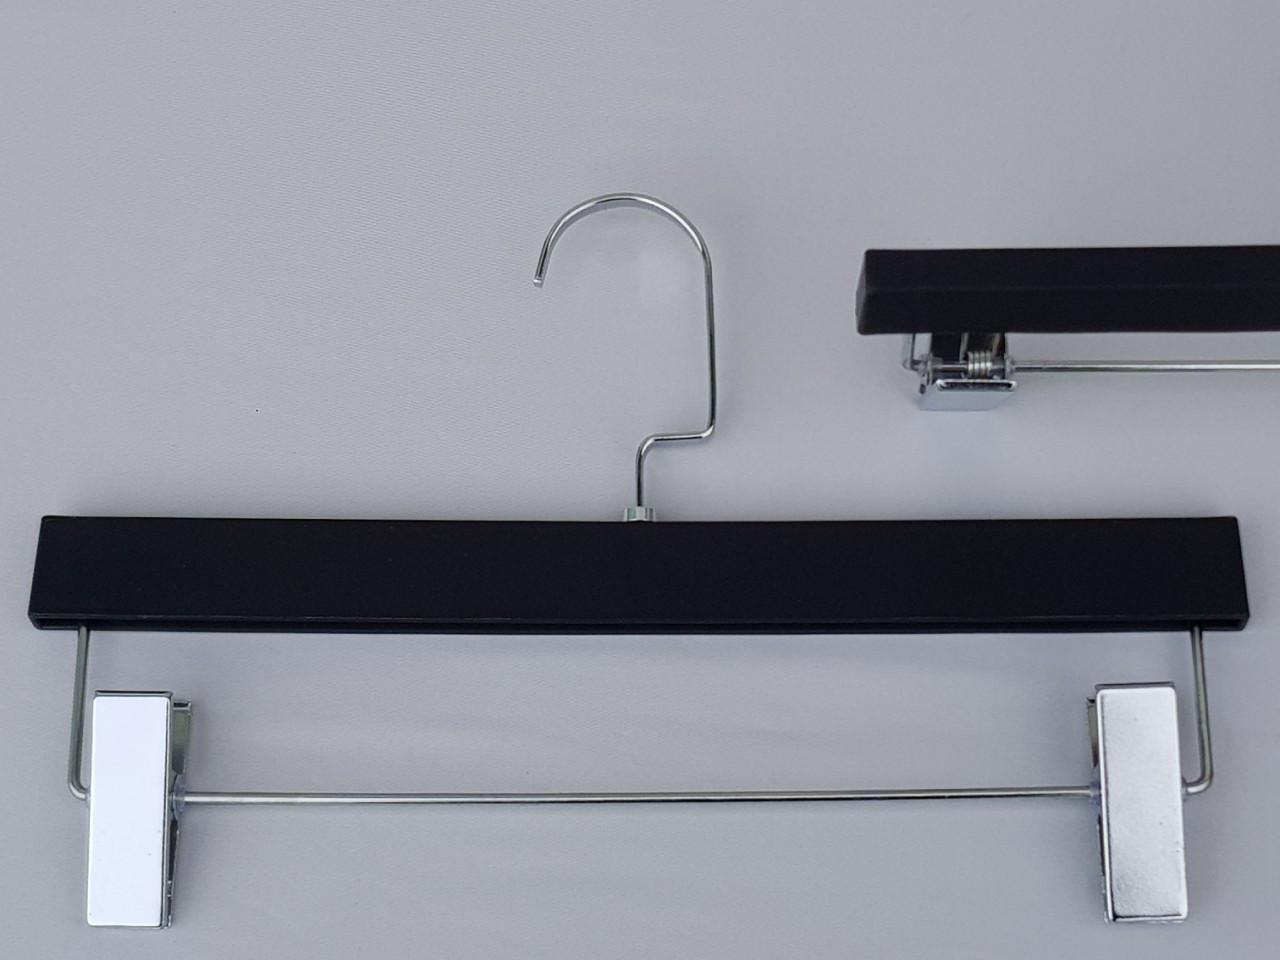 Длина 33 см. Плечики пластмассовые с прищепками зажимами для брюк и юбок матовые с покрытием Soft-touch черные